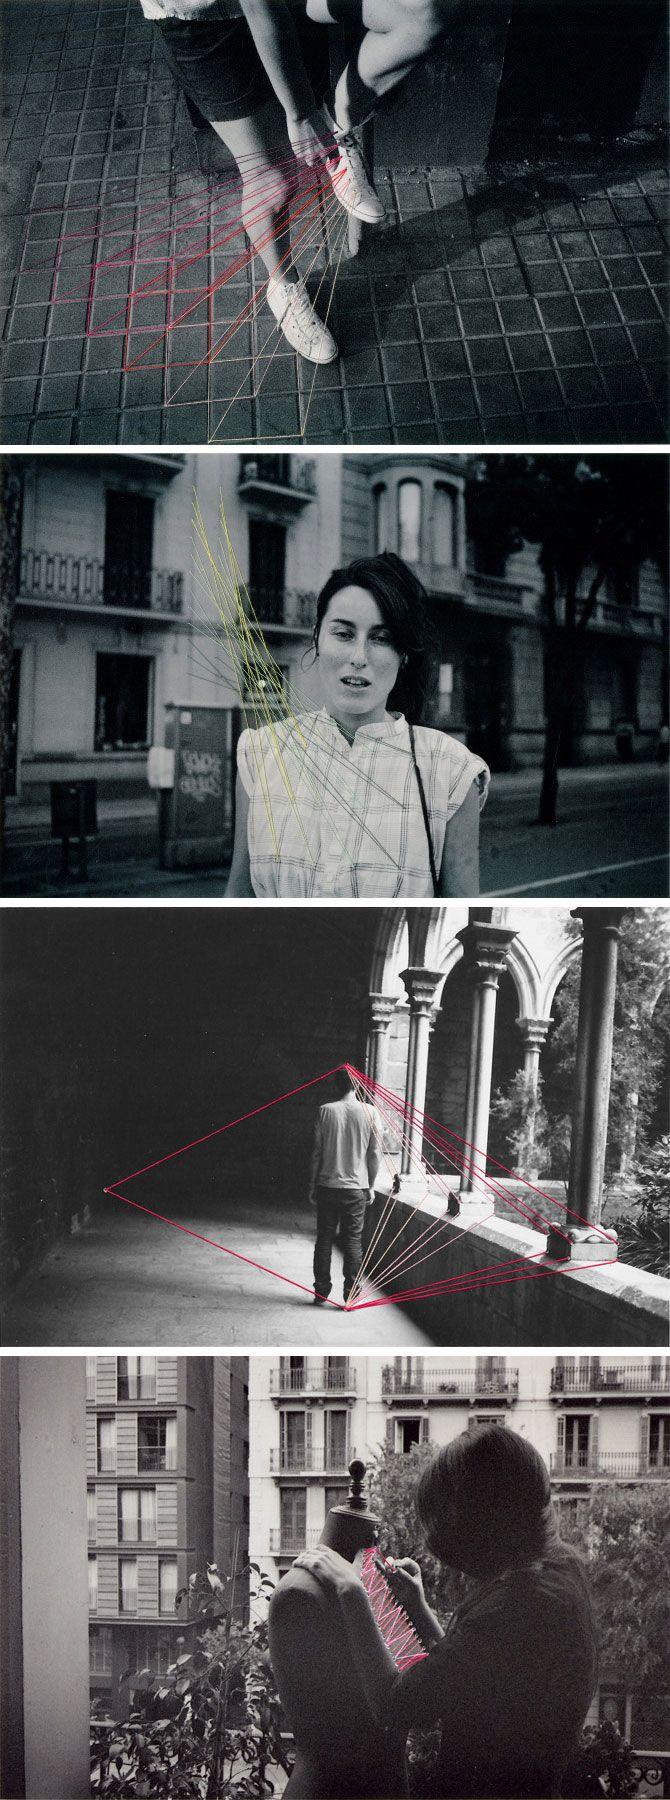 Work by María Aparicio Puentes - Photographs: Claudio A. Troncoso Rojas